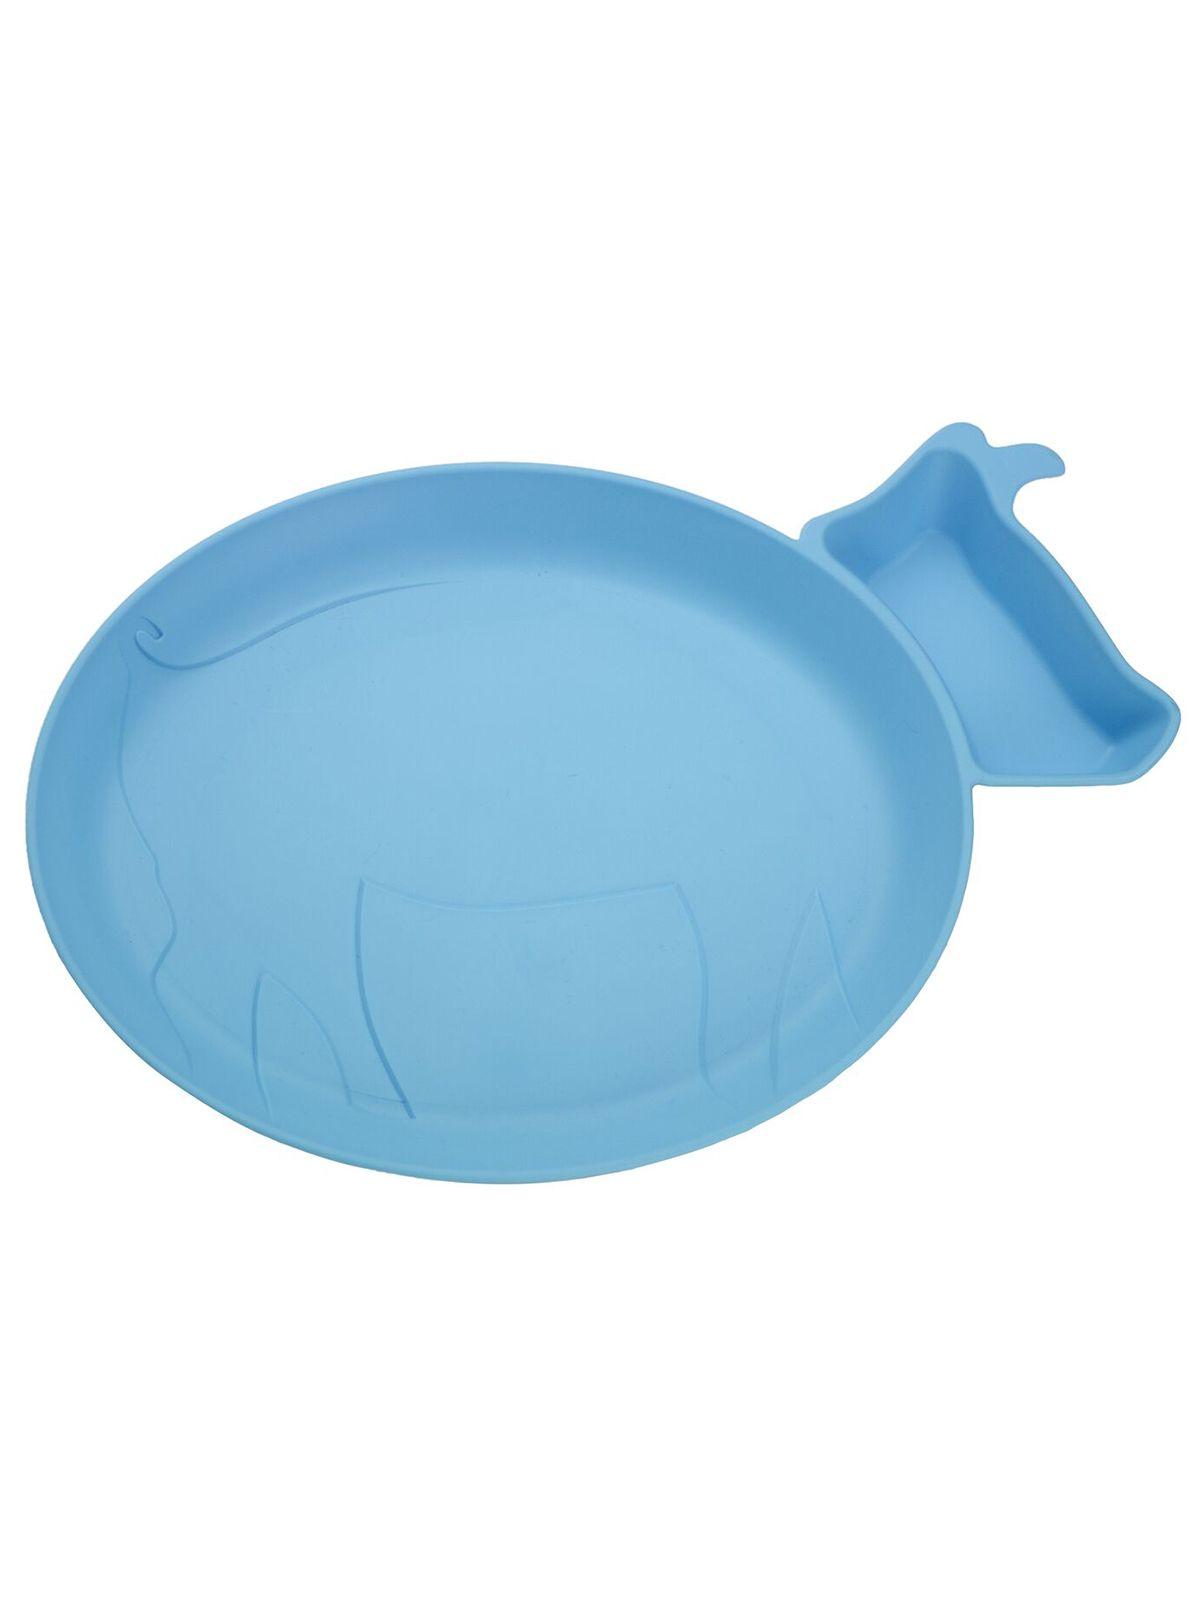 Пинкл (Pinkl) | Детская тарелка для кормления dipPLATEs голубой поросенок | Jjrabbit Dipplate Piglet Blue